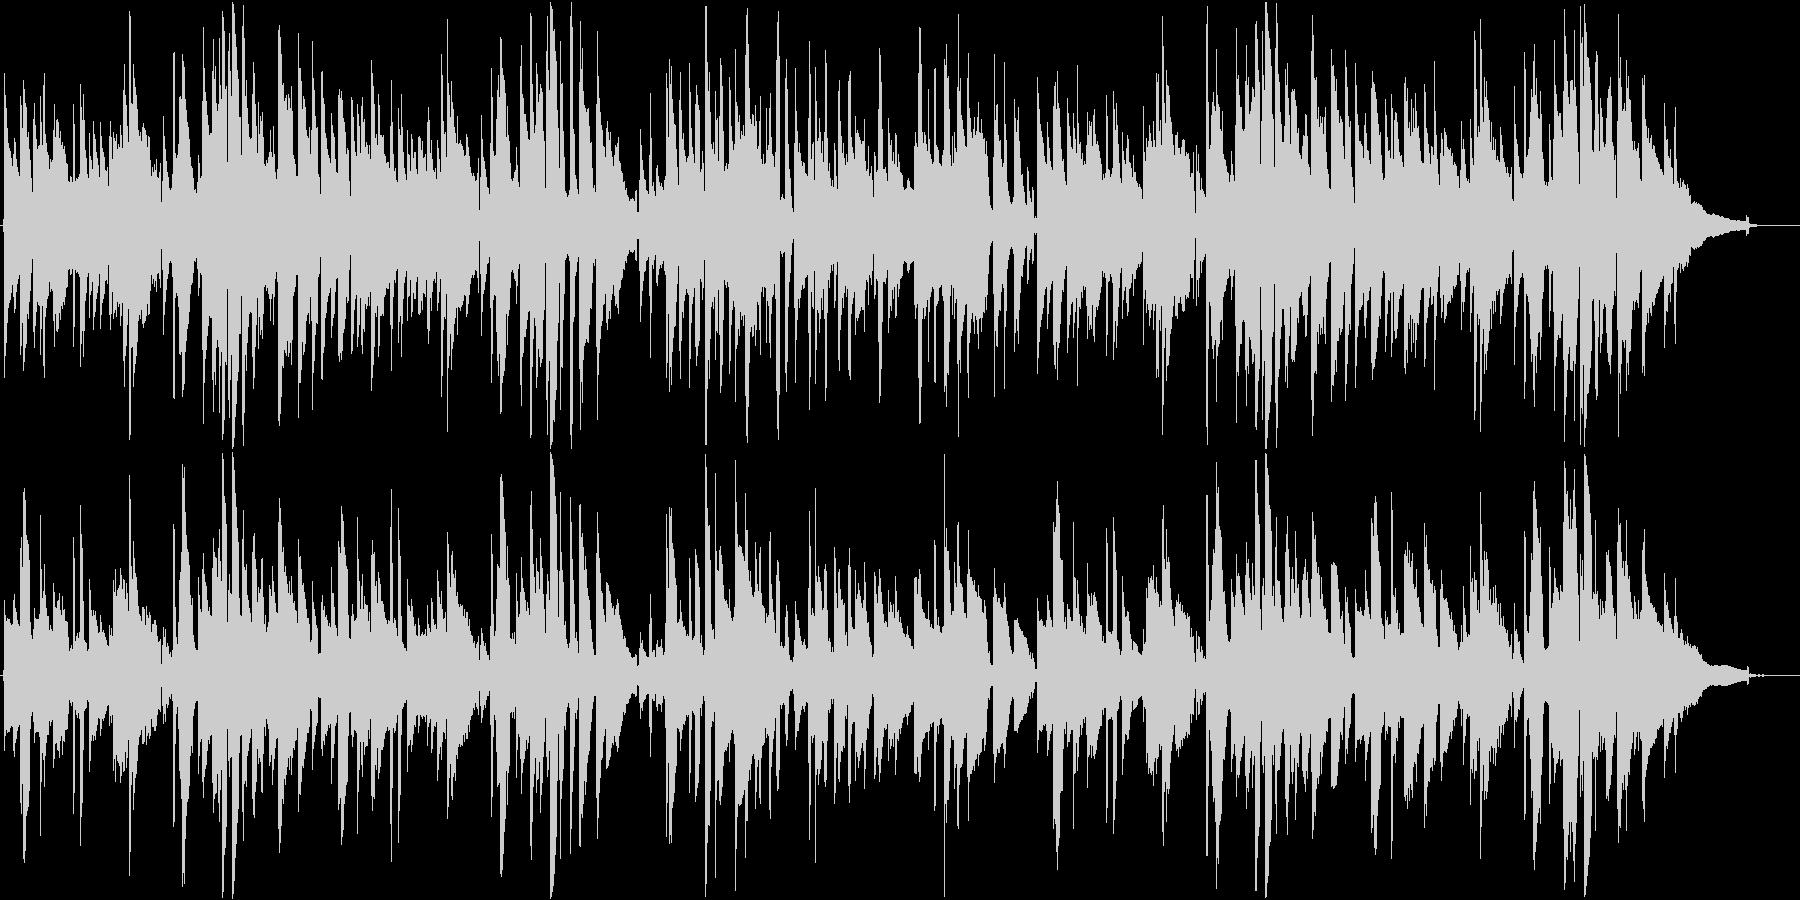 のんびりとしたアコースティックギター曲の未再生の波形